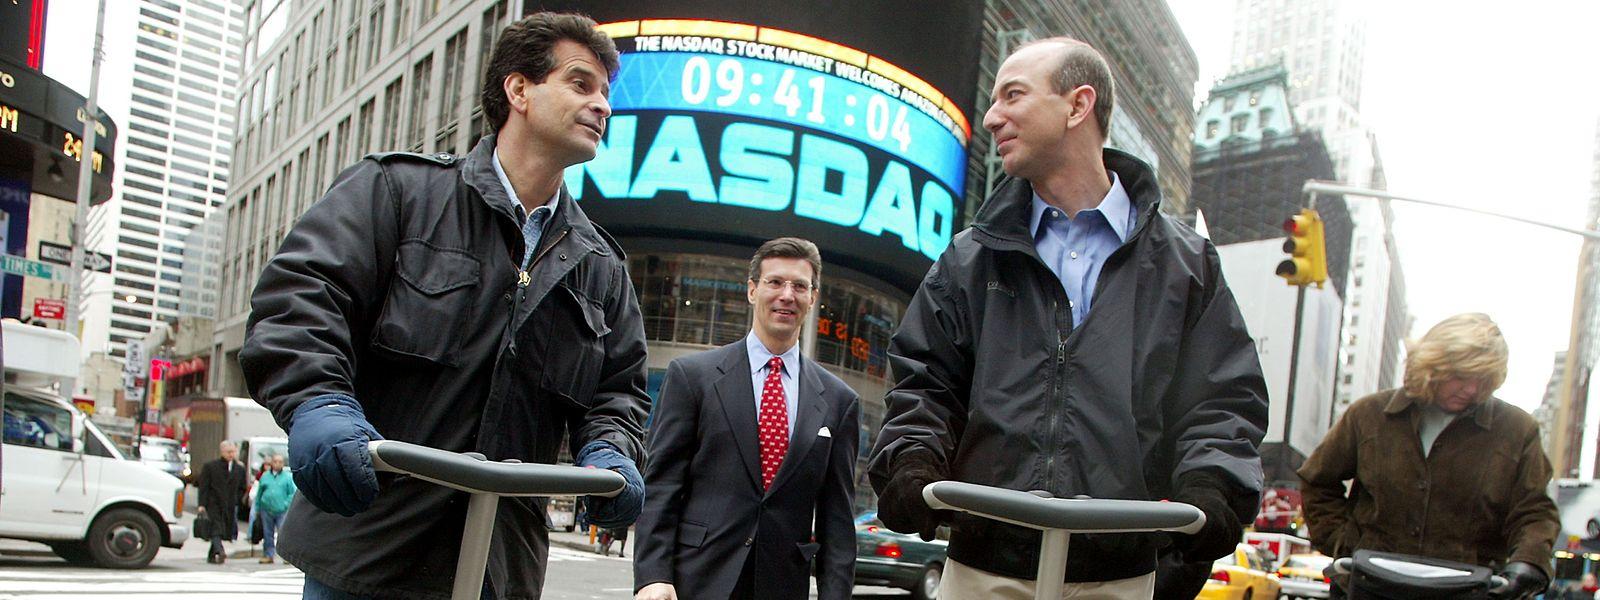 Einer der Stars der New Economy war Amazon-Gründer Jeff Bezos. Hier mit Segway-Erfinder Dean Kamen (links).